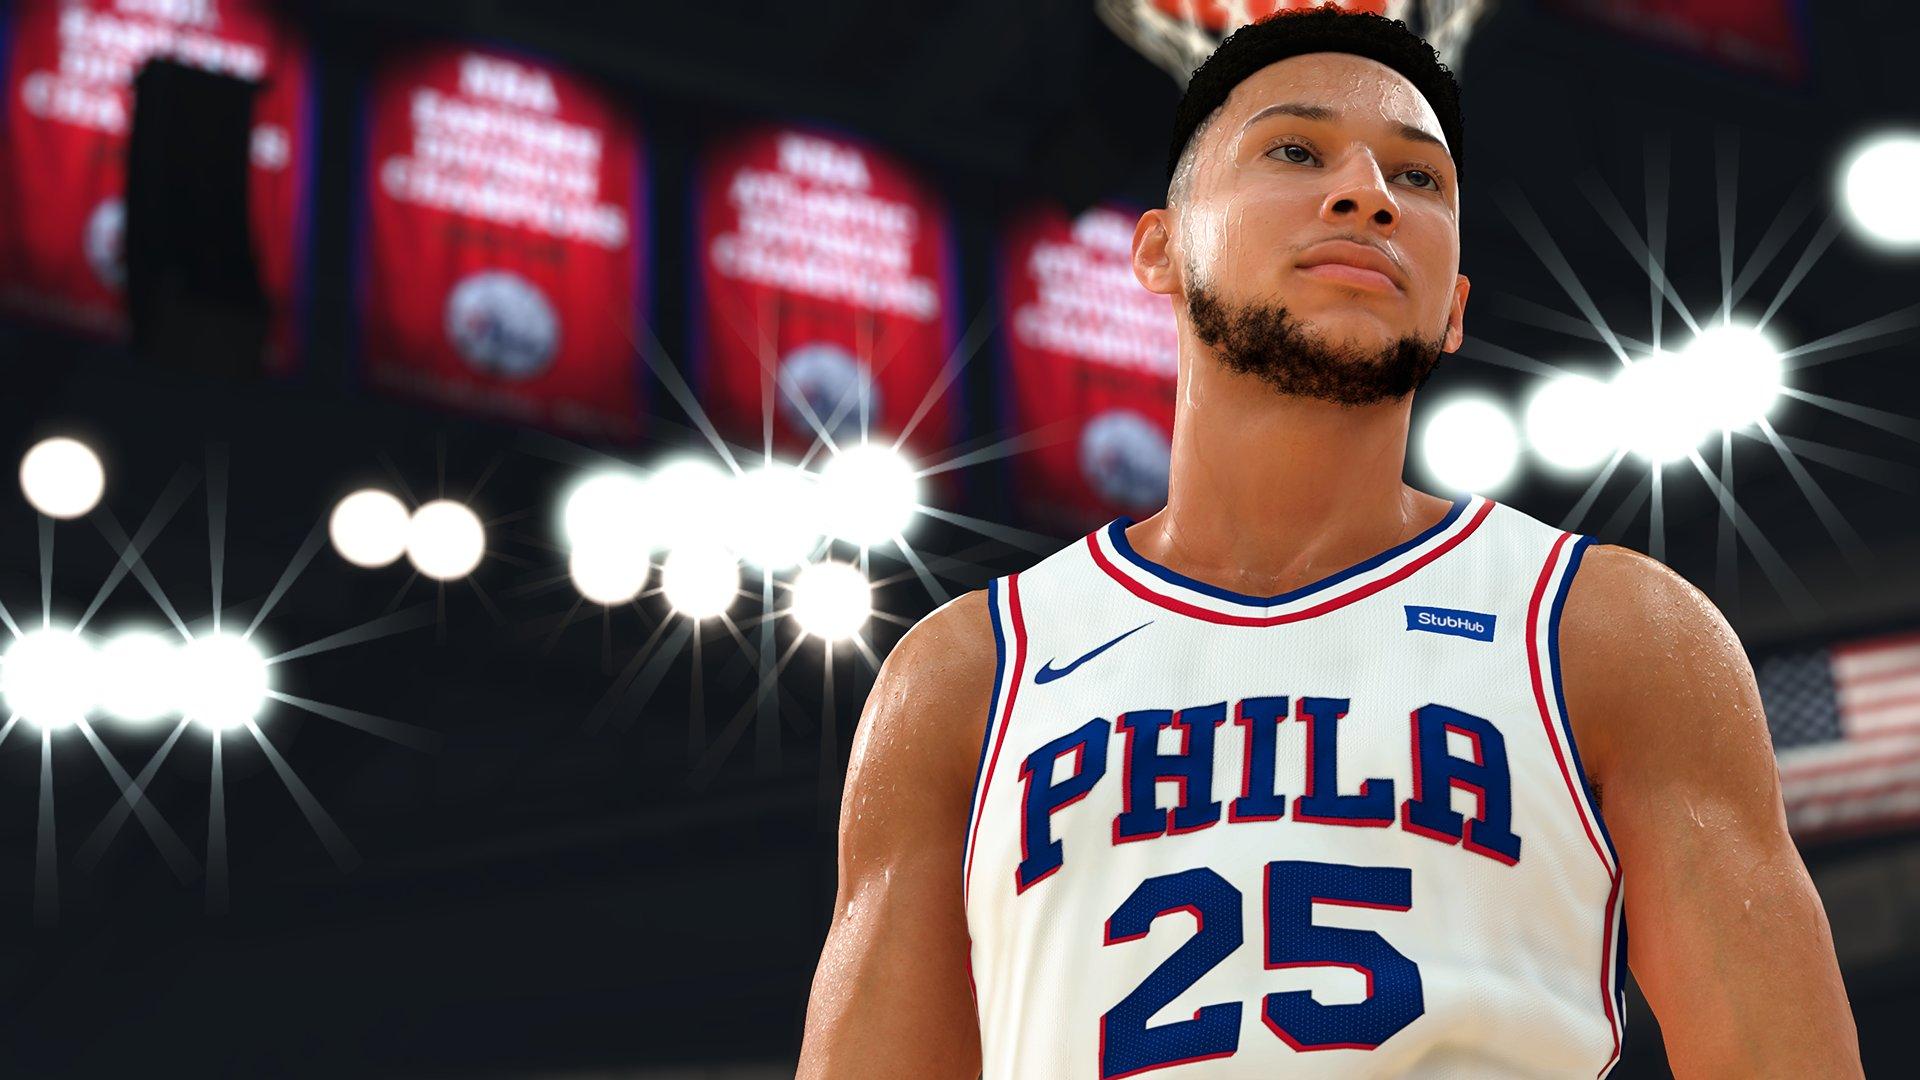 Close up of NBA 2K19 player